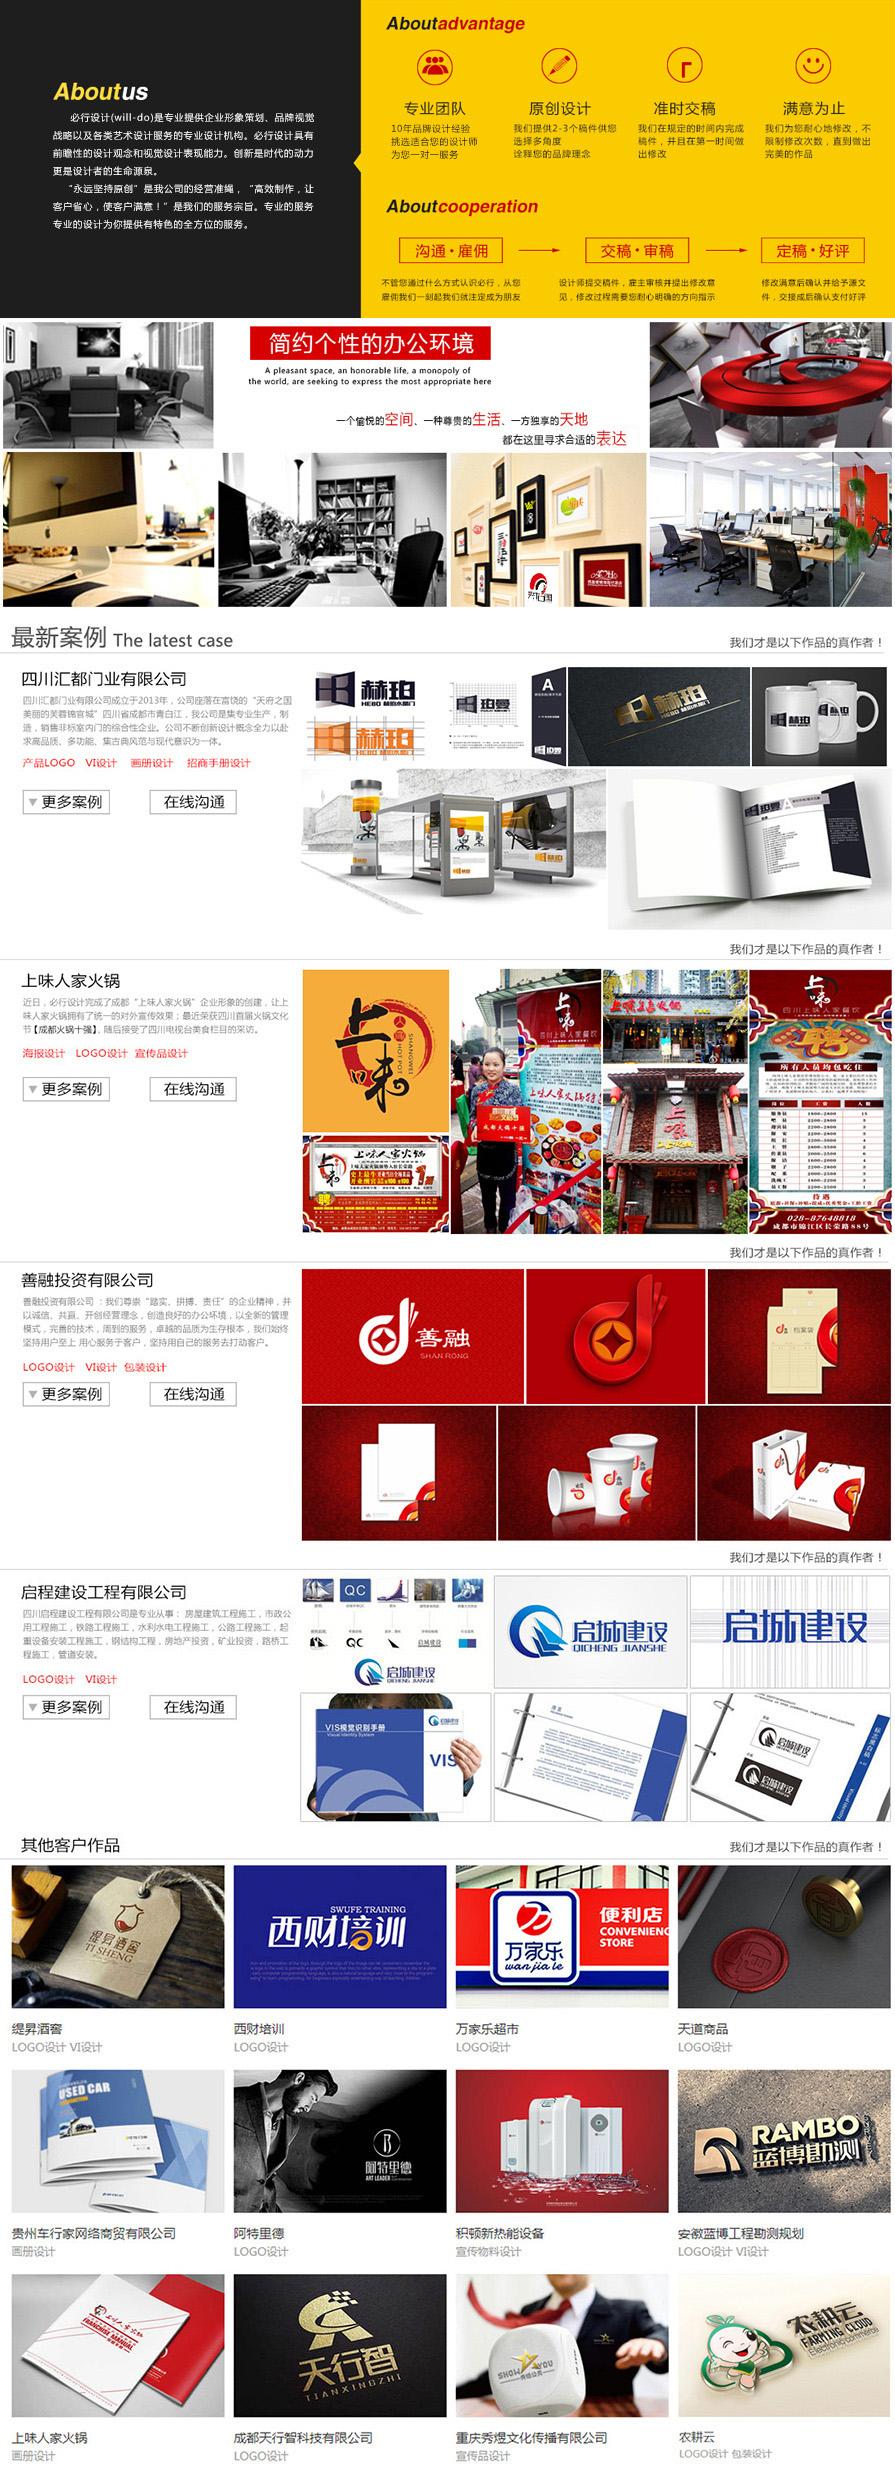 包装设计_食品/农产品包装/瓶贴/纸袋/展开图设计/系列包装盒设计11